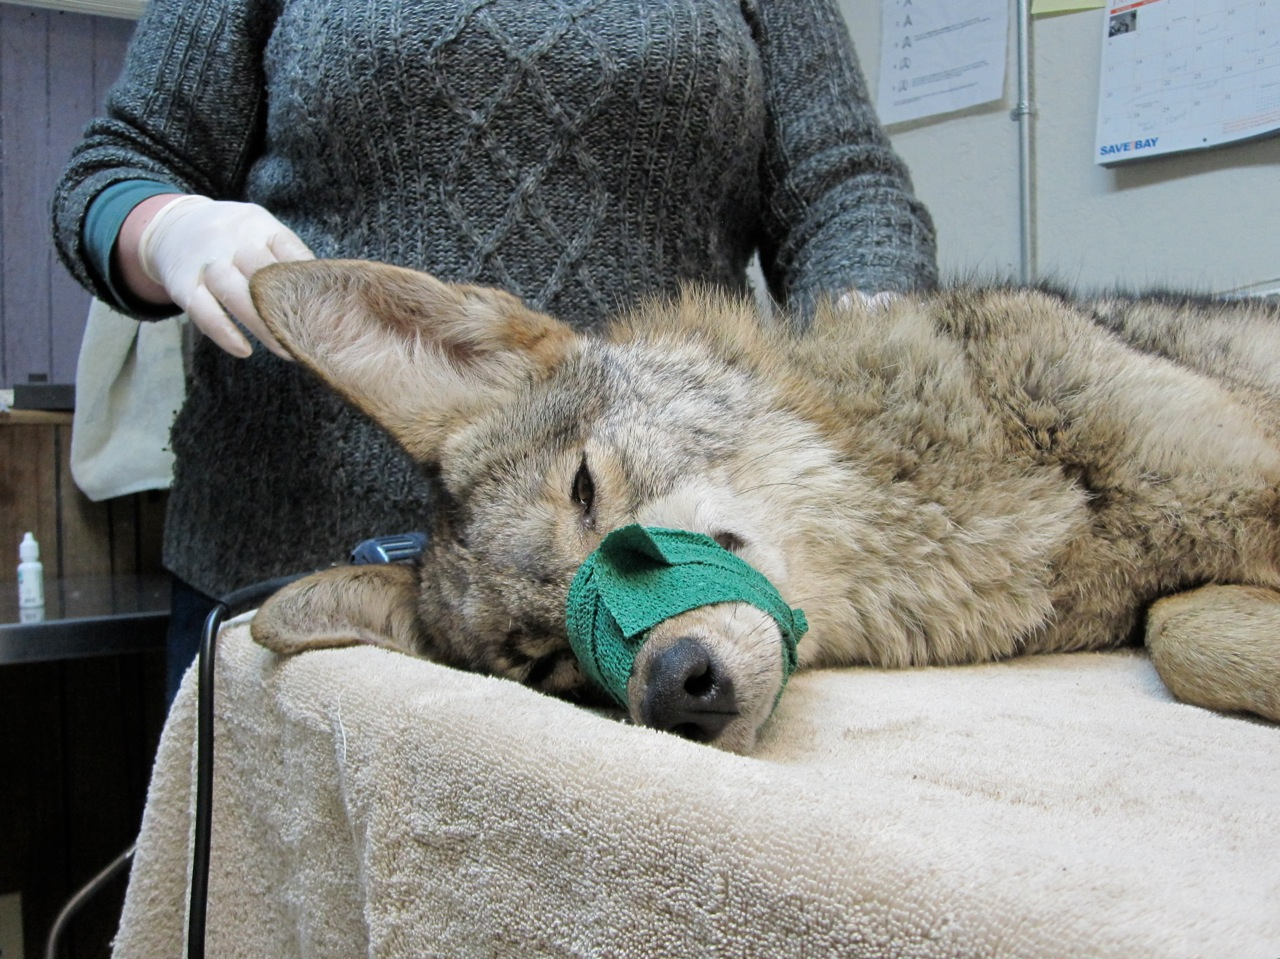 coyote01.31.13.jpg